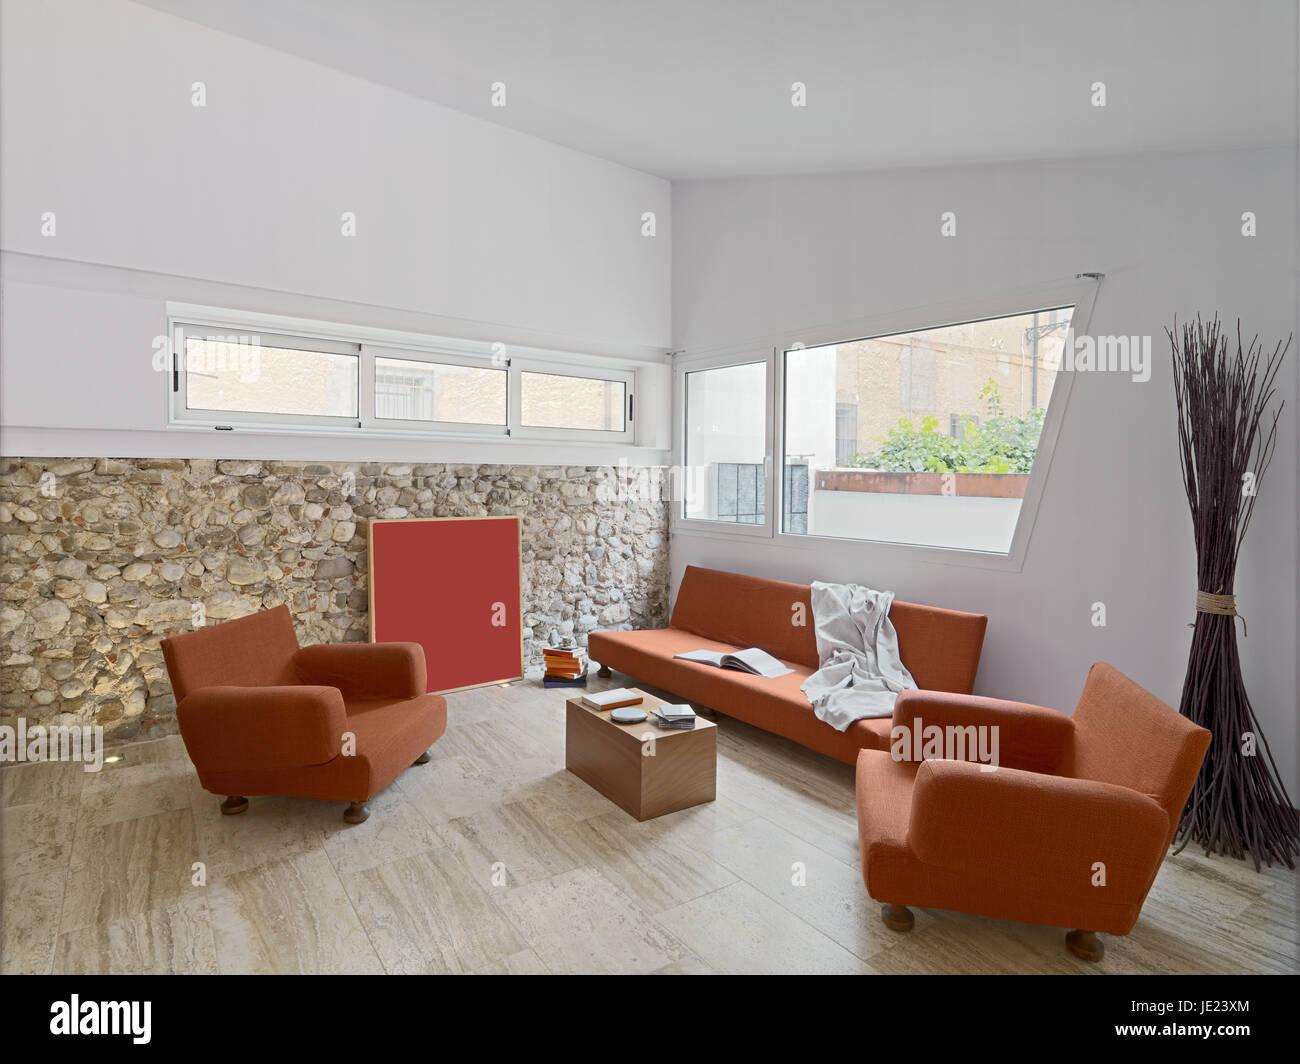 Innenansicht aus einem modernen Wohnzimmer mit orange Sofa Ans ...